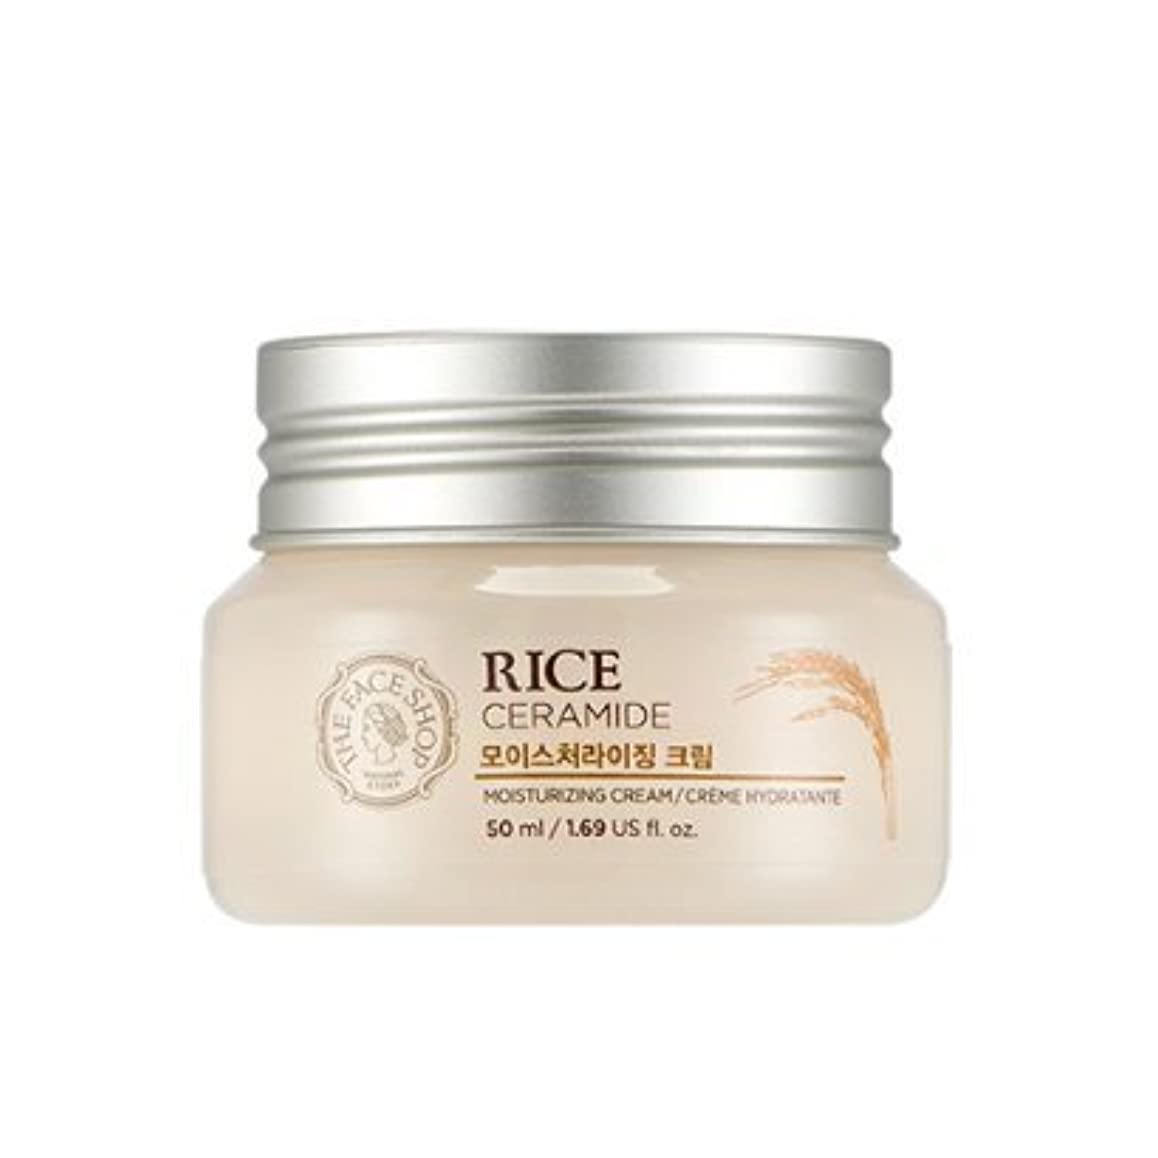 いらいらする数学的な翻訳THE FACE SHOP Rice & Ceramide Moisturizing Cream ザフェイスショップ ライス&セラミドモイスチャーライジングクリーム [並行輸入品]